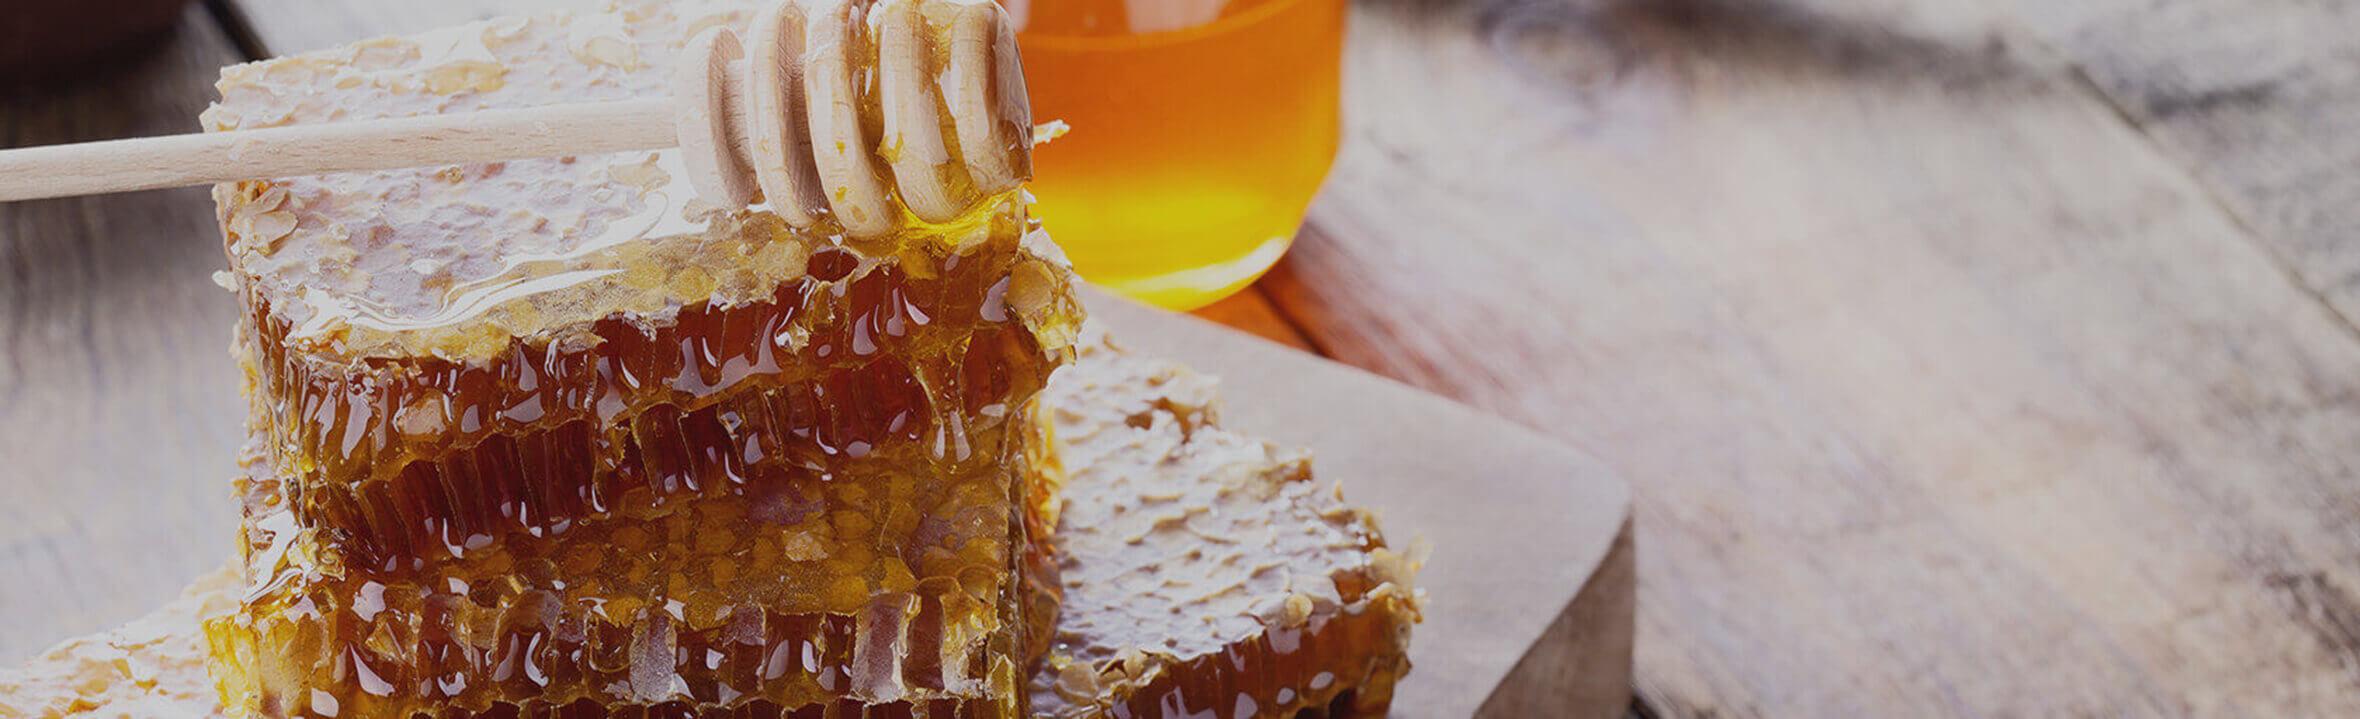 Inhaltsstoffe Bienenwachs